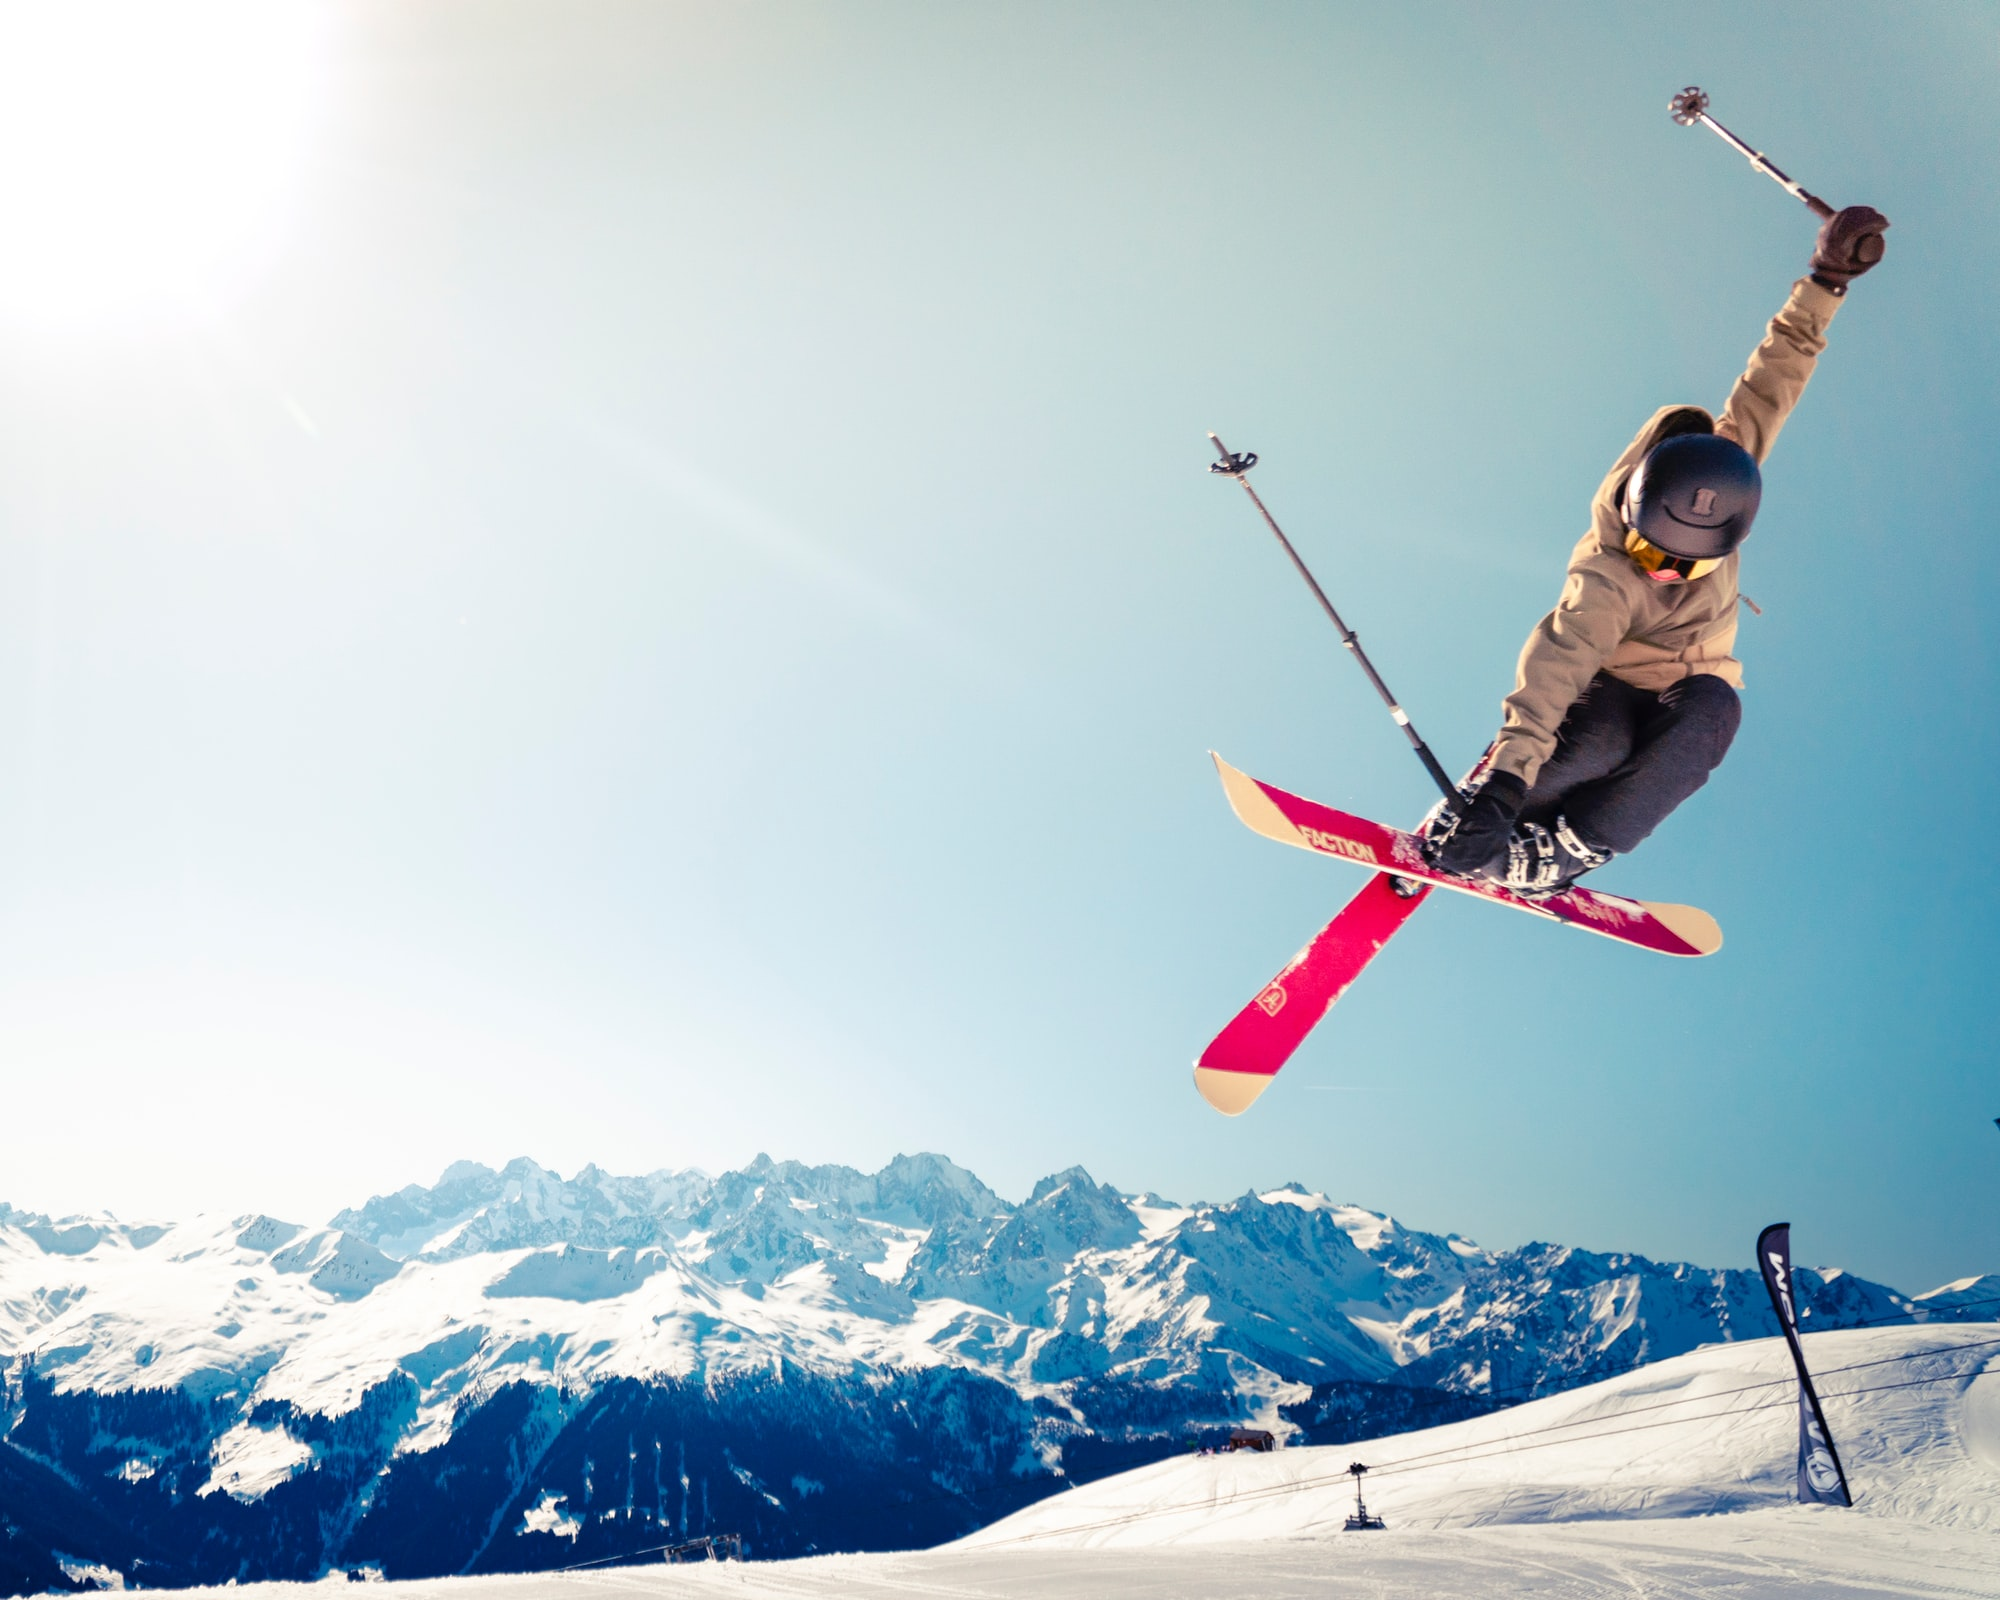 加拿大运动员须完成疫苗接种才可参加北京冬奥